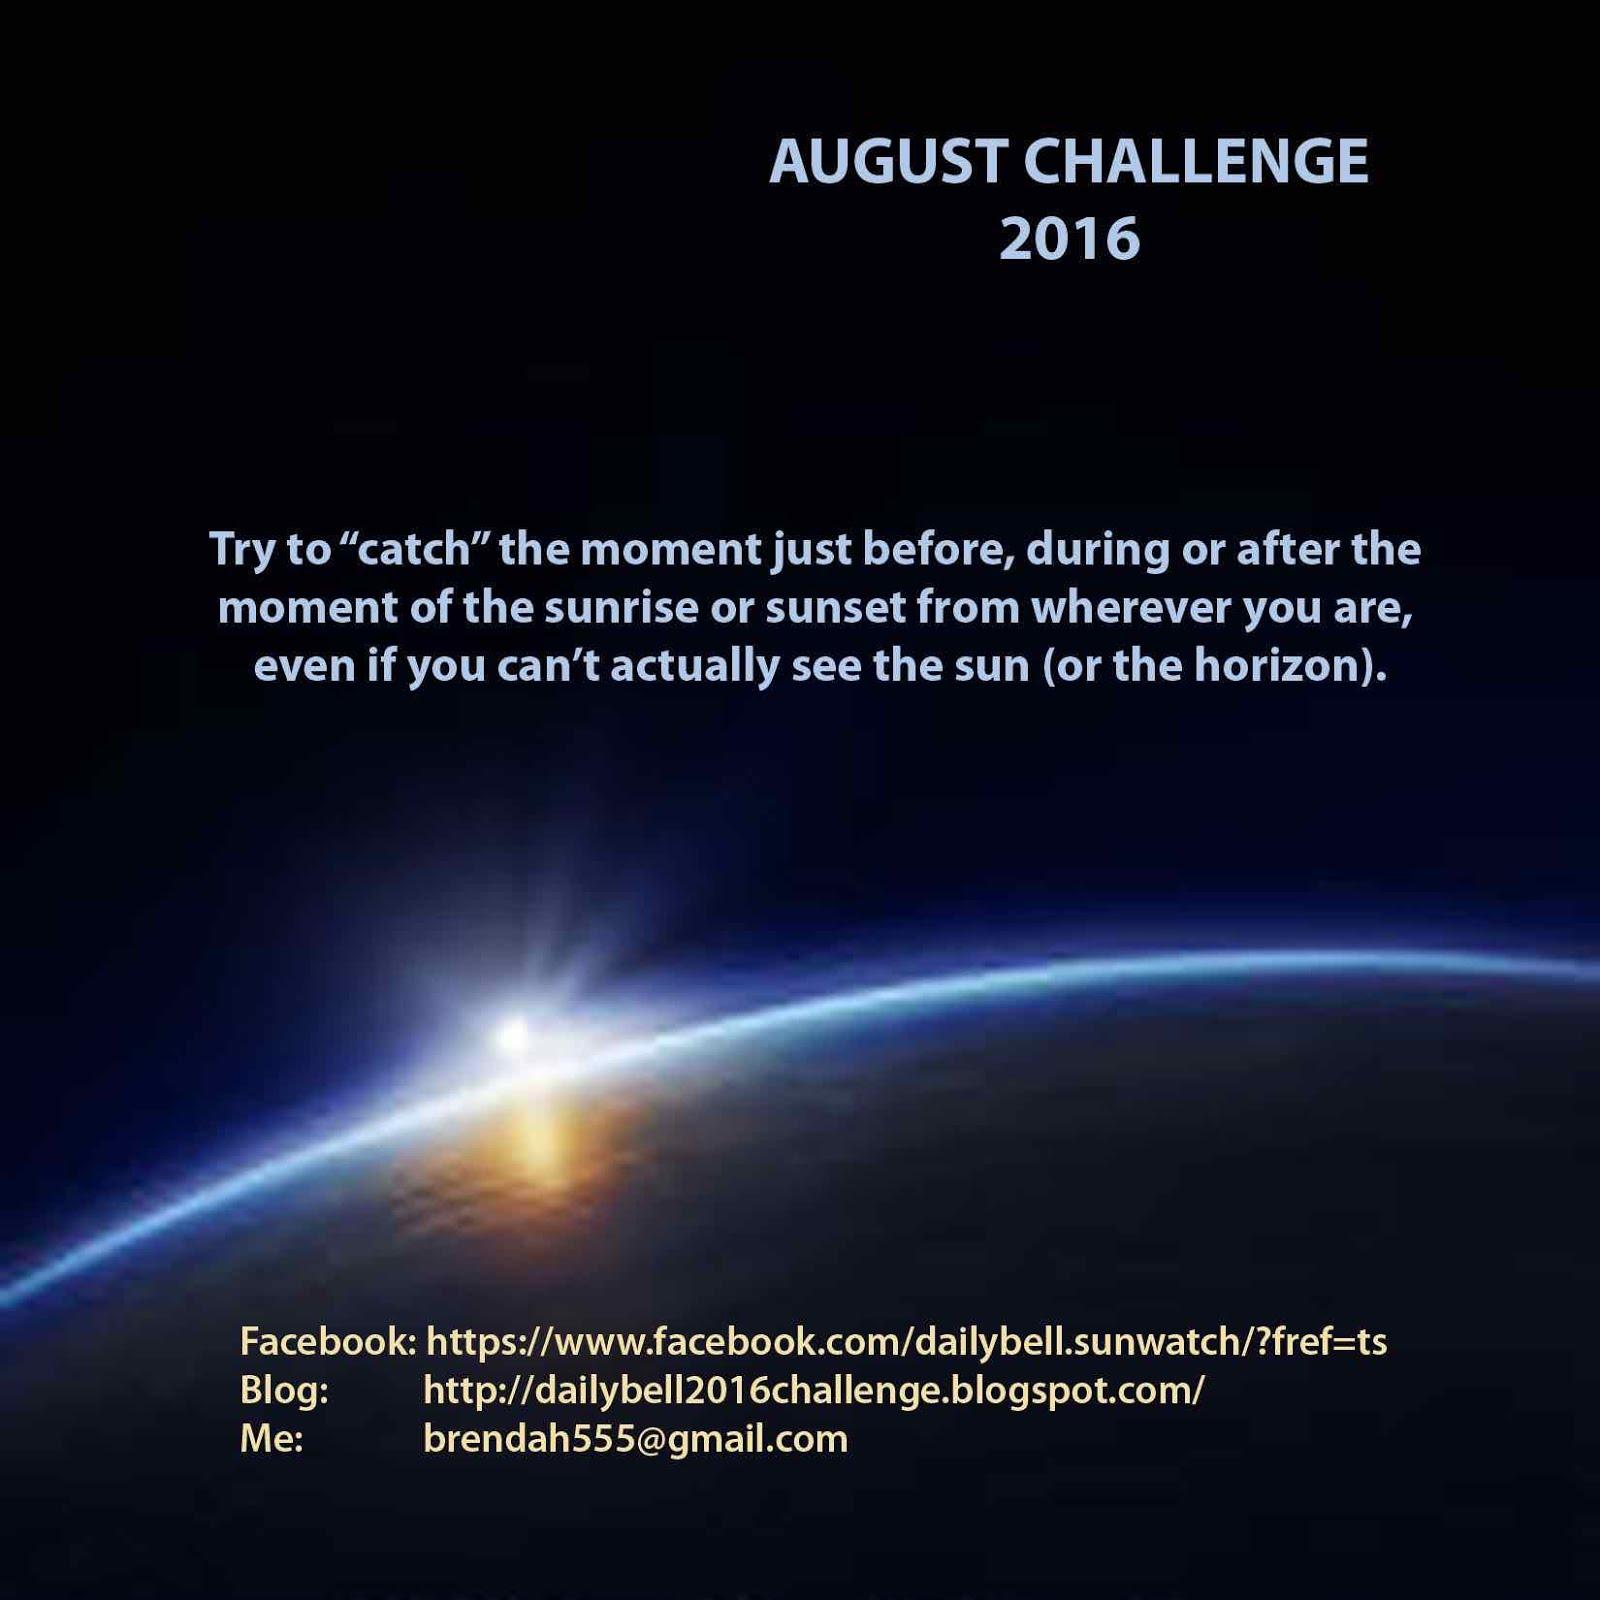 AUGUST Challenge 2016